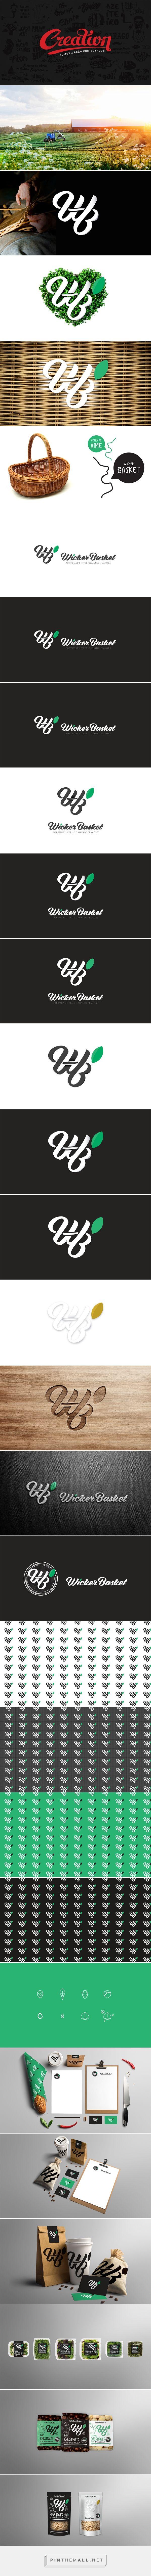 Agency: Creation Comunicação com Sotaque Client: PiuBelle Ano: 2015